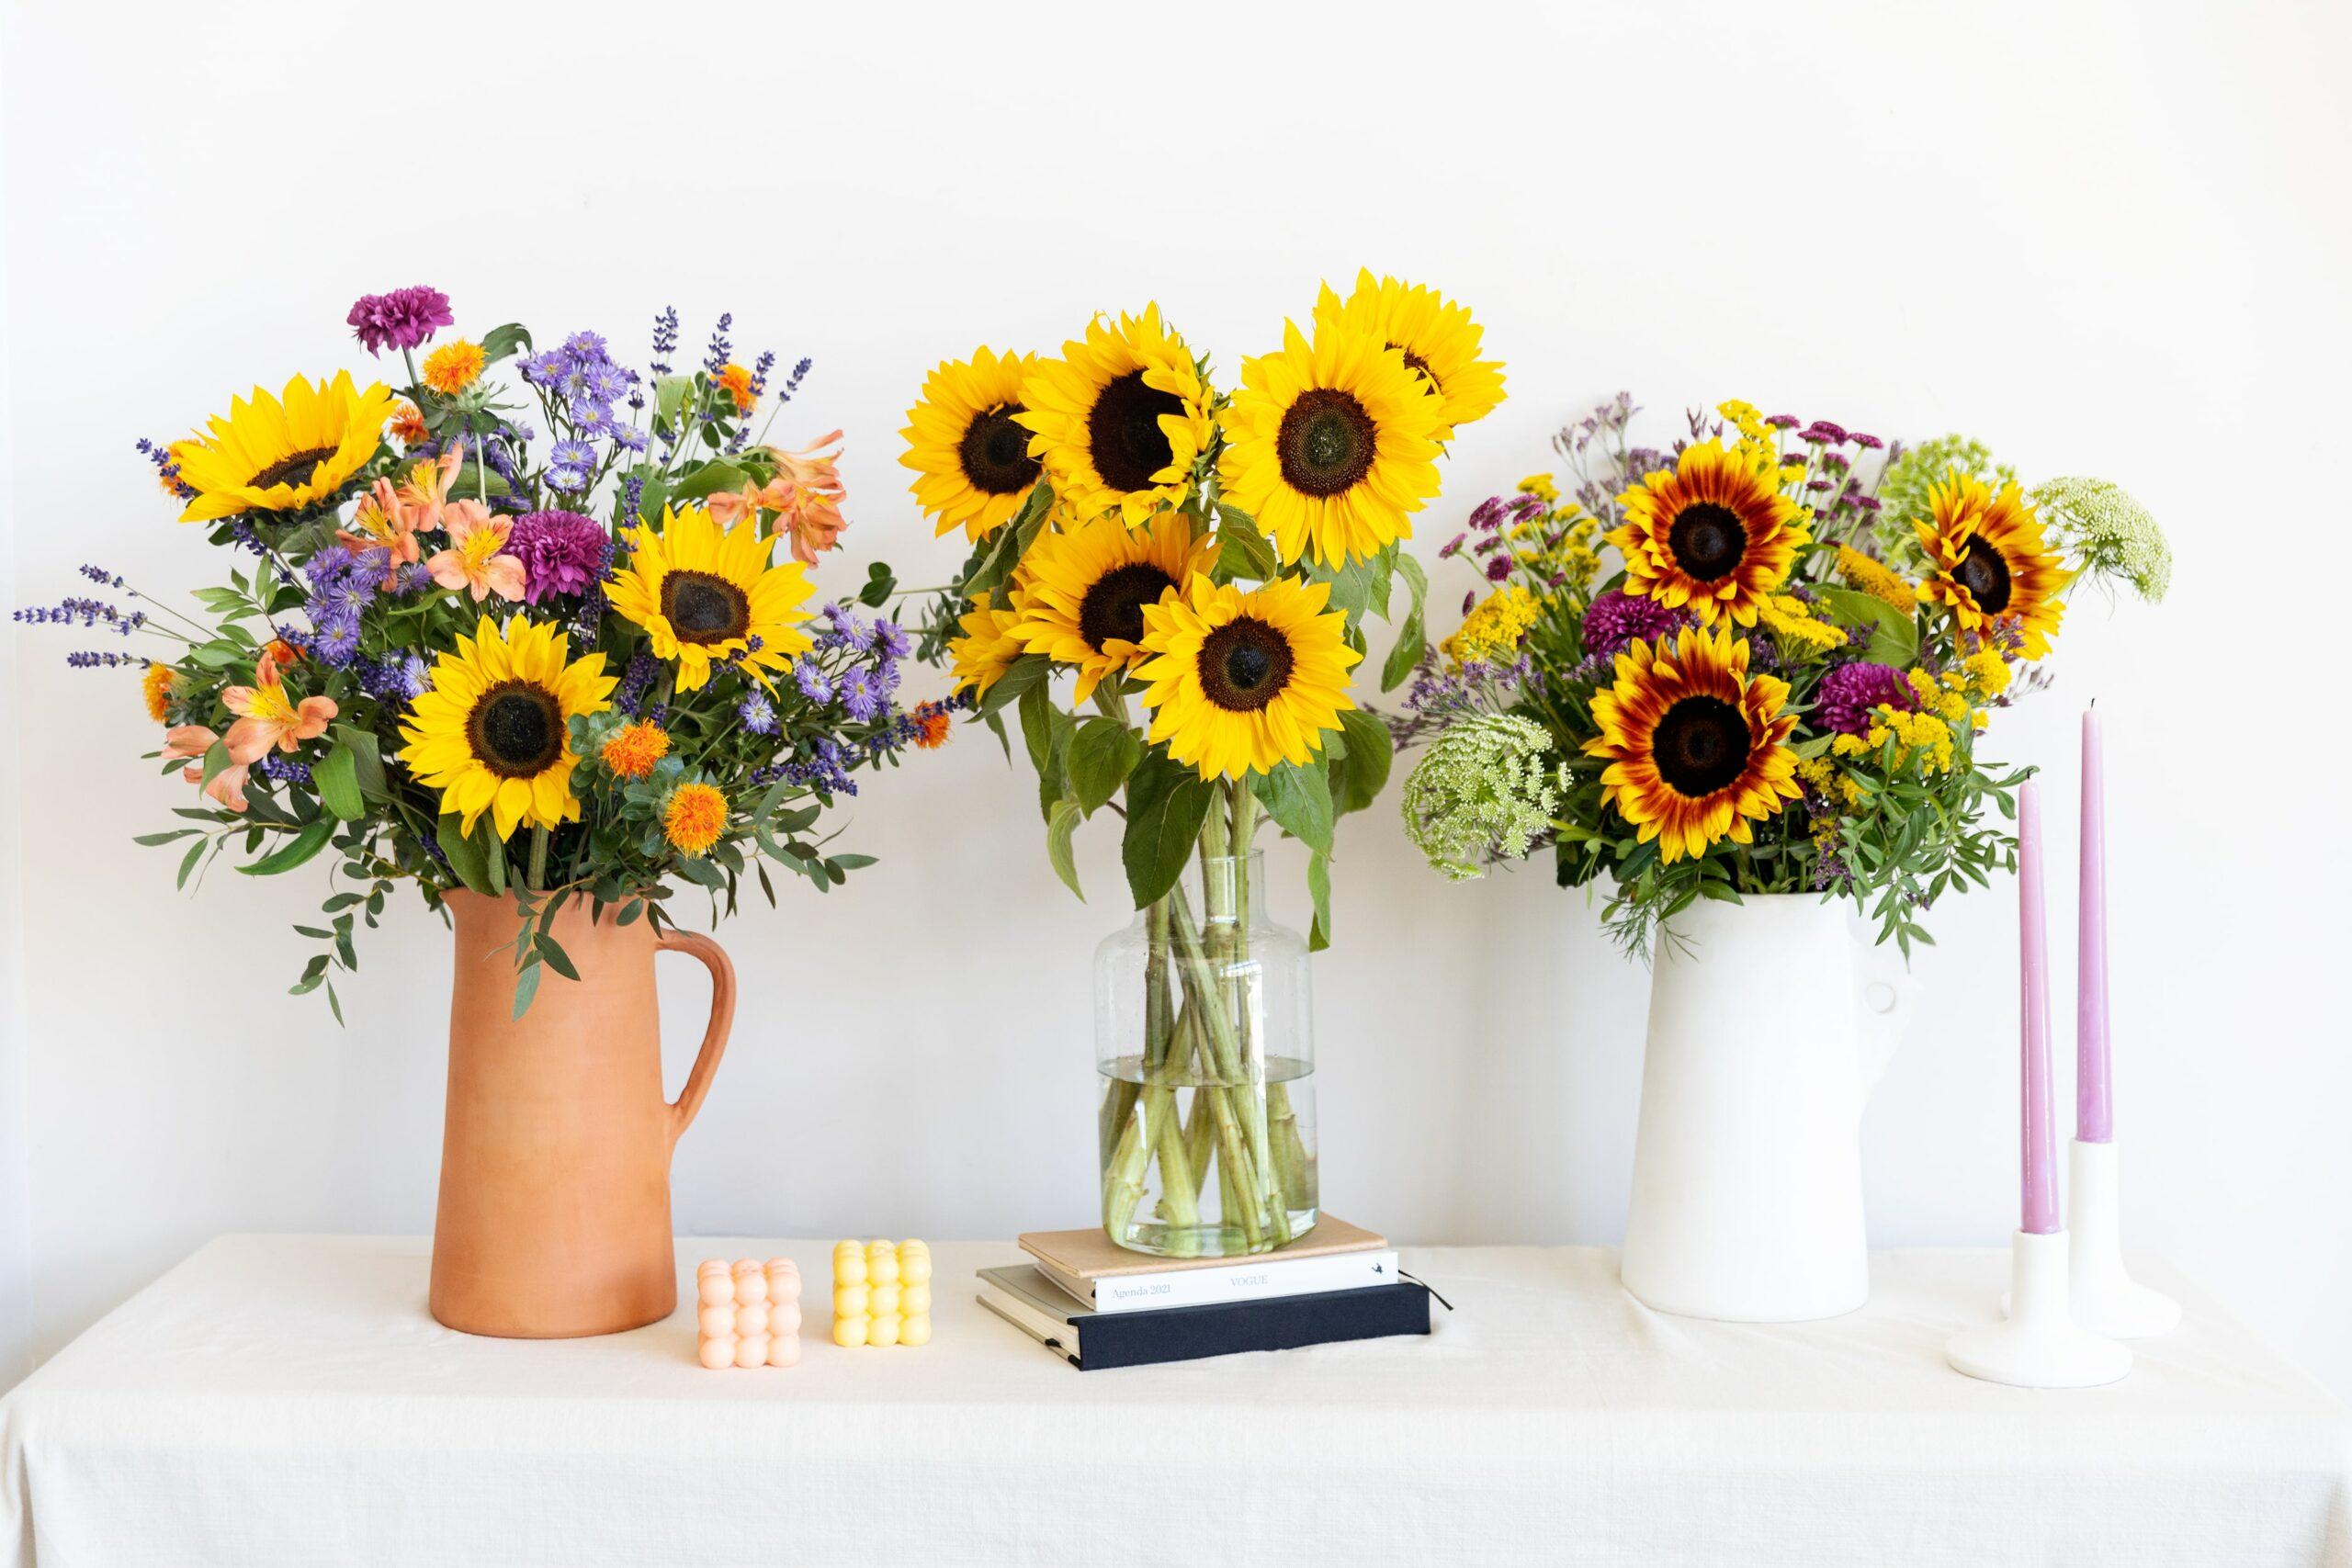 fiore girasole